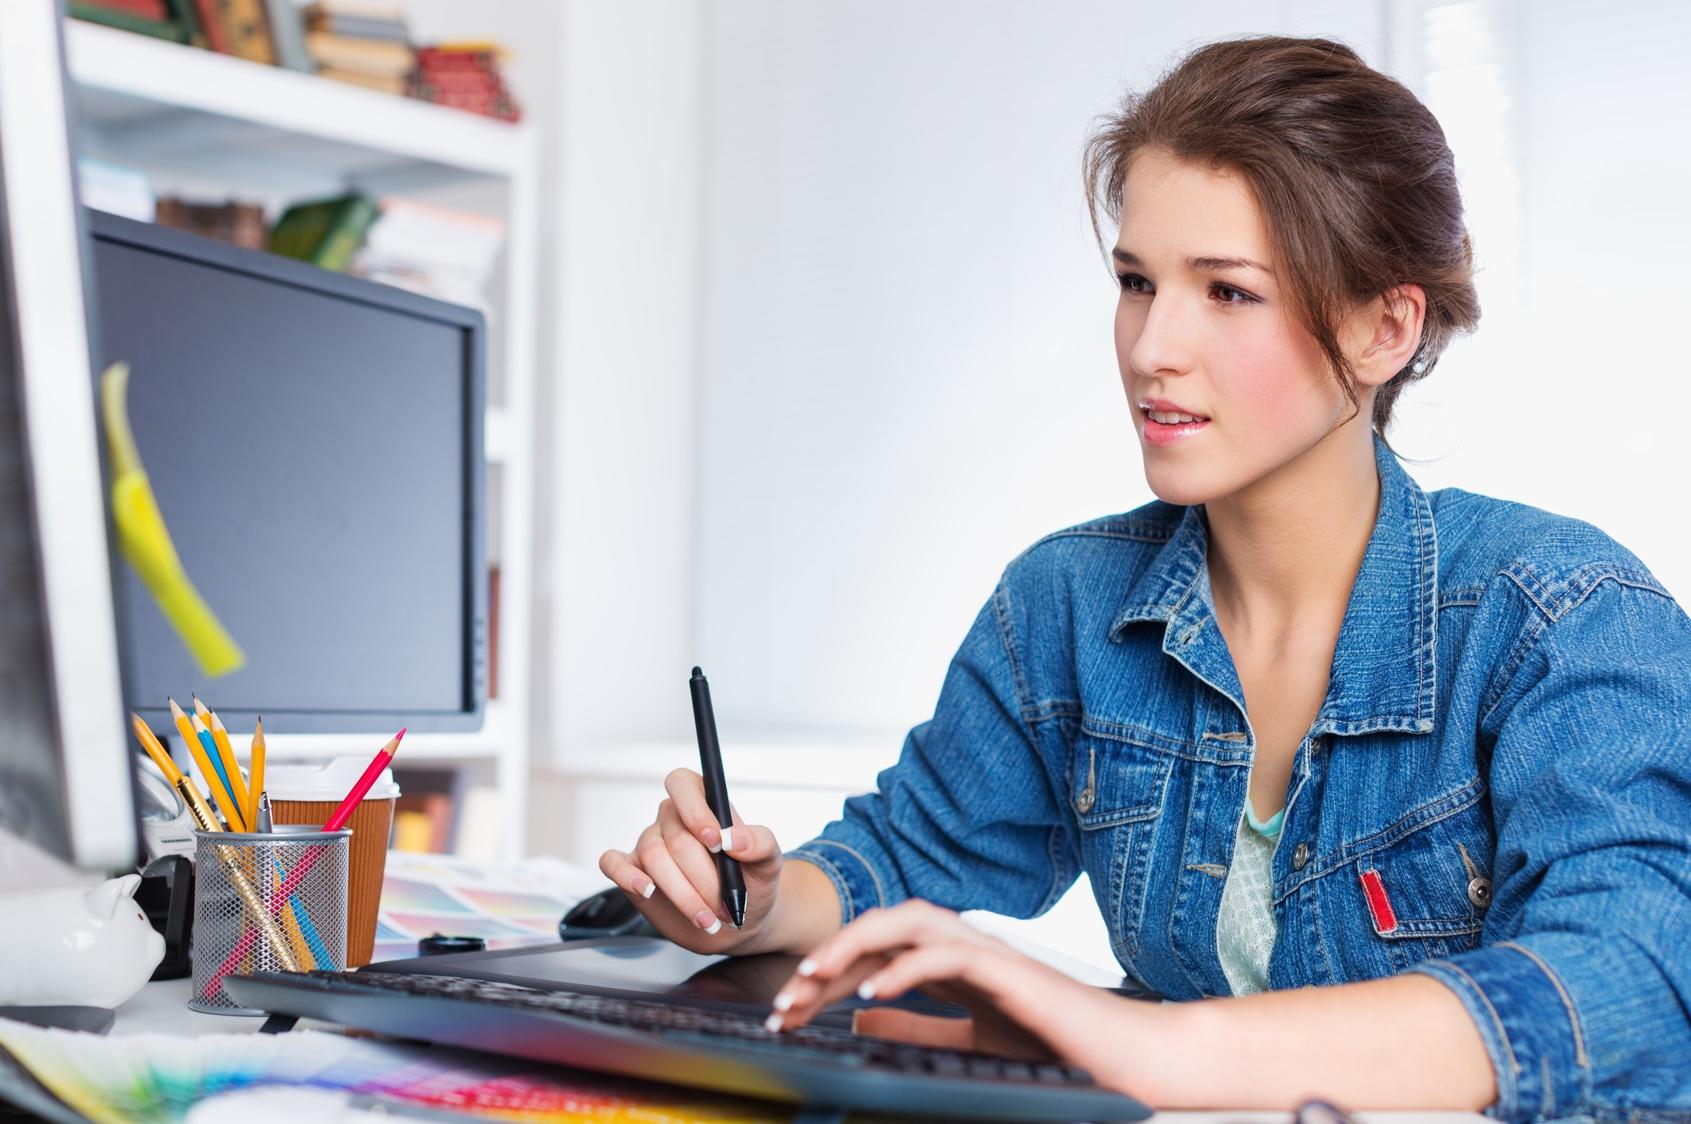 graphic design schools